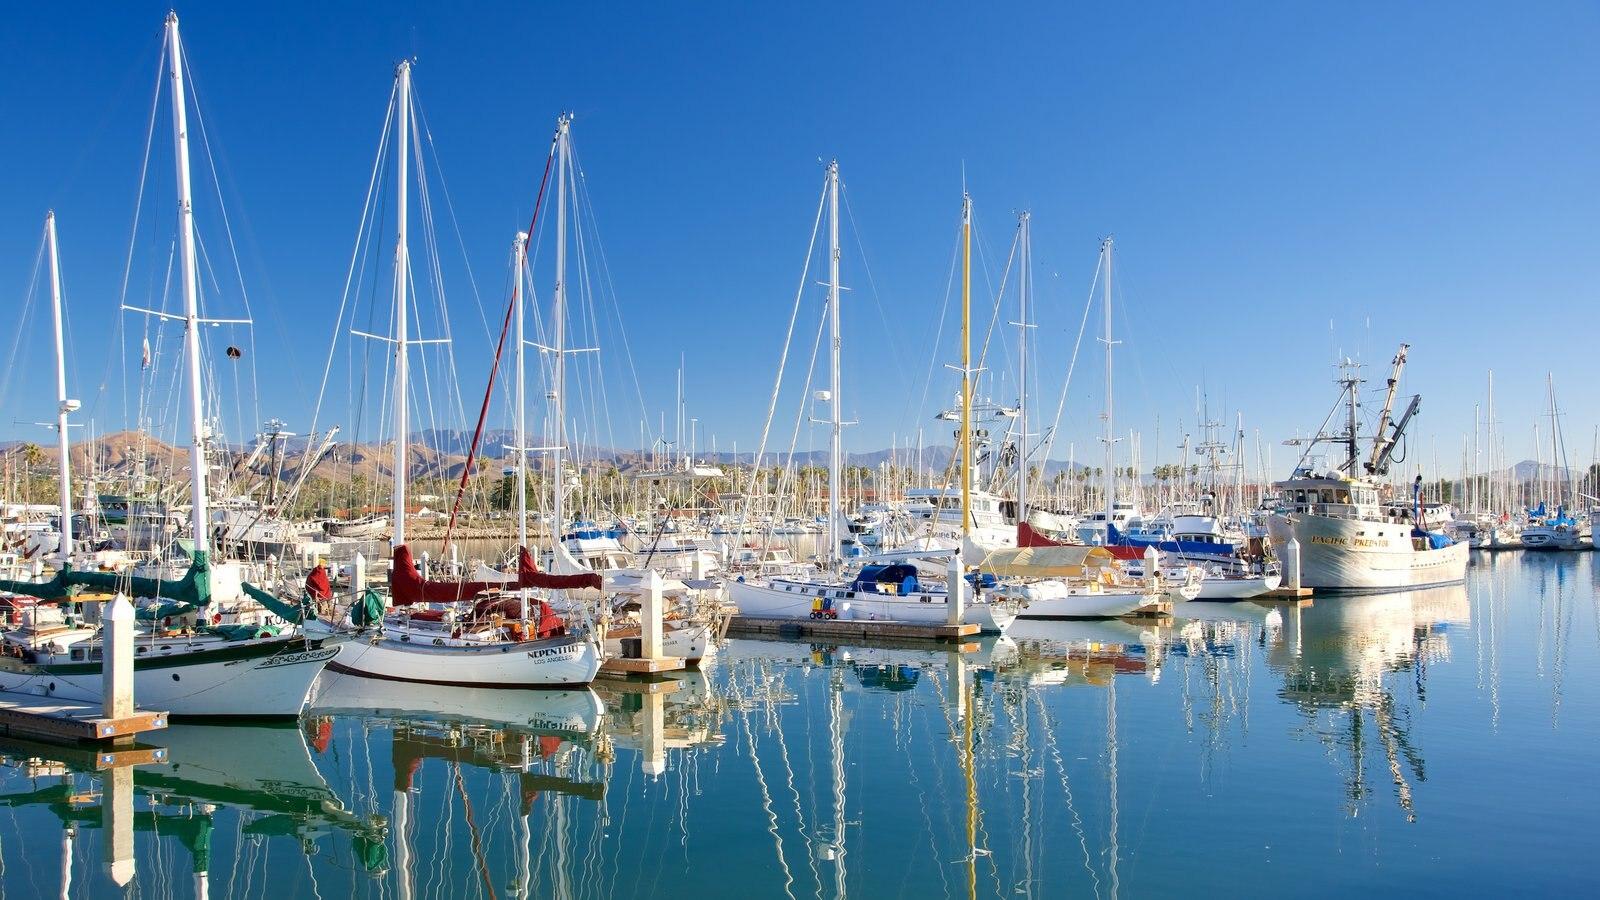 Ventura Harbor que inclui vela, uma baía ou porto e um rio ou córrego